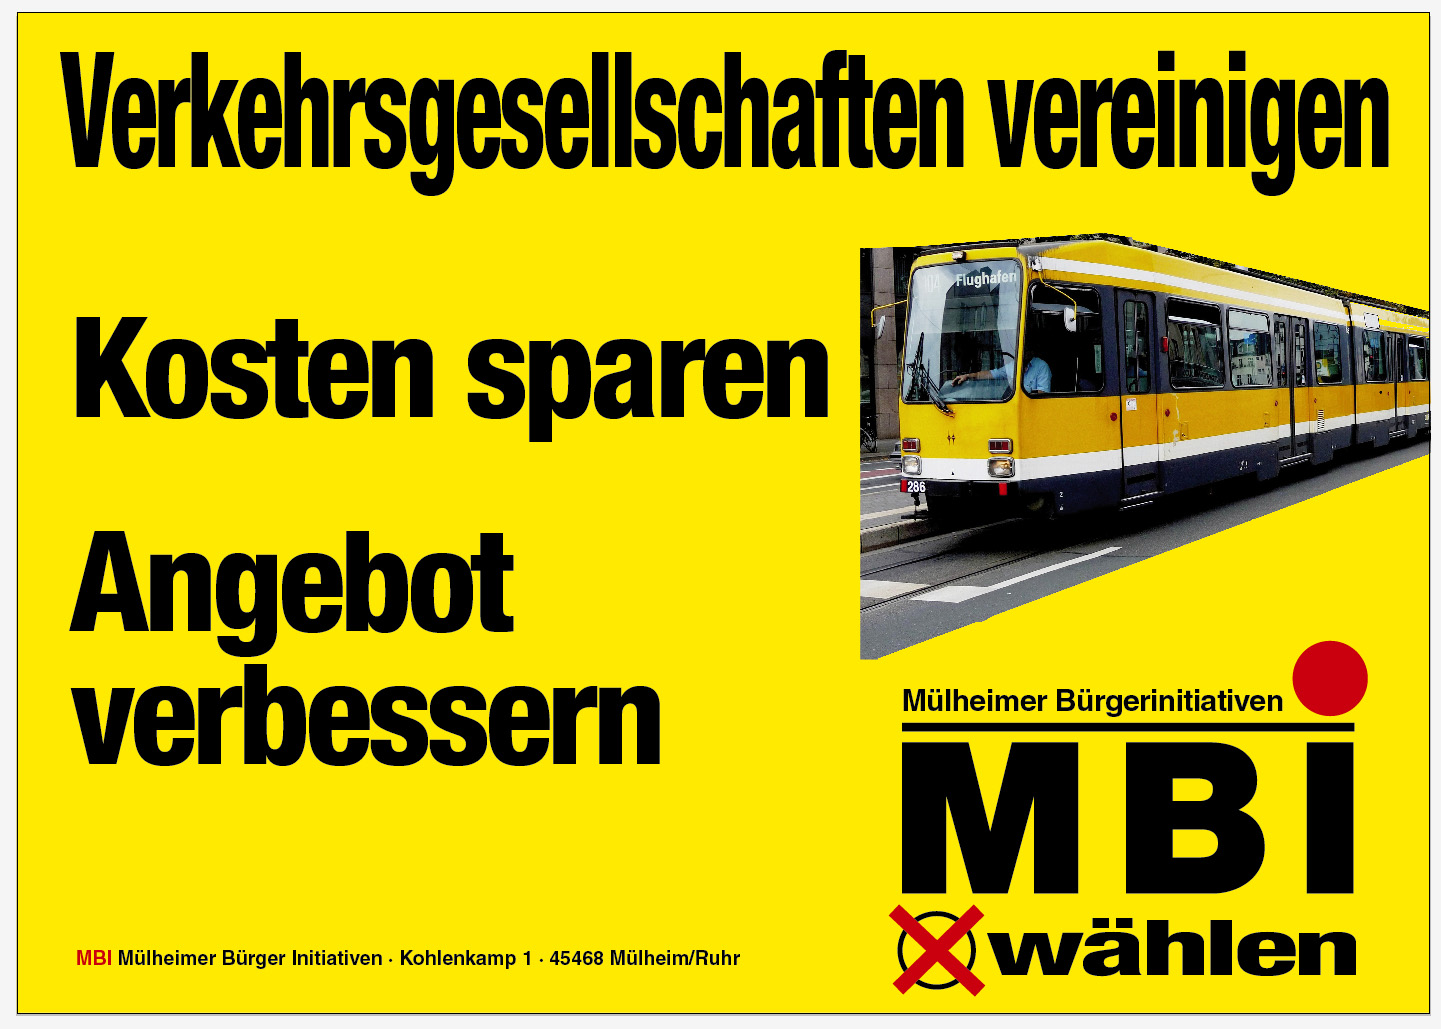 Mülheim und mögliche Diesel-fahrverbote: Fluch oder Segen?